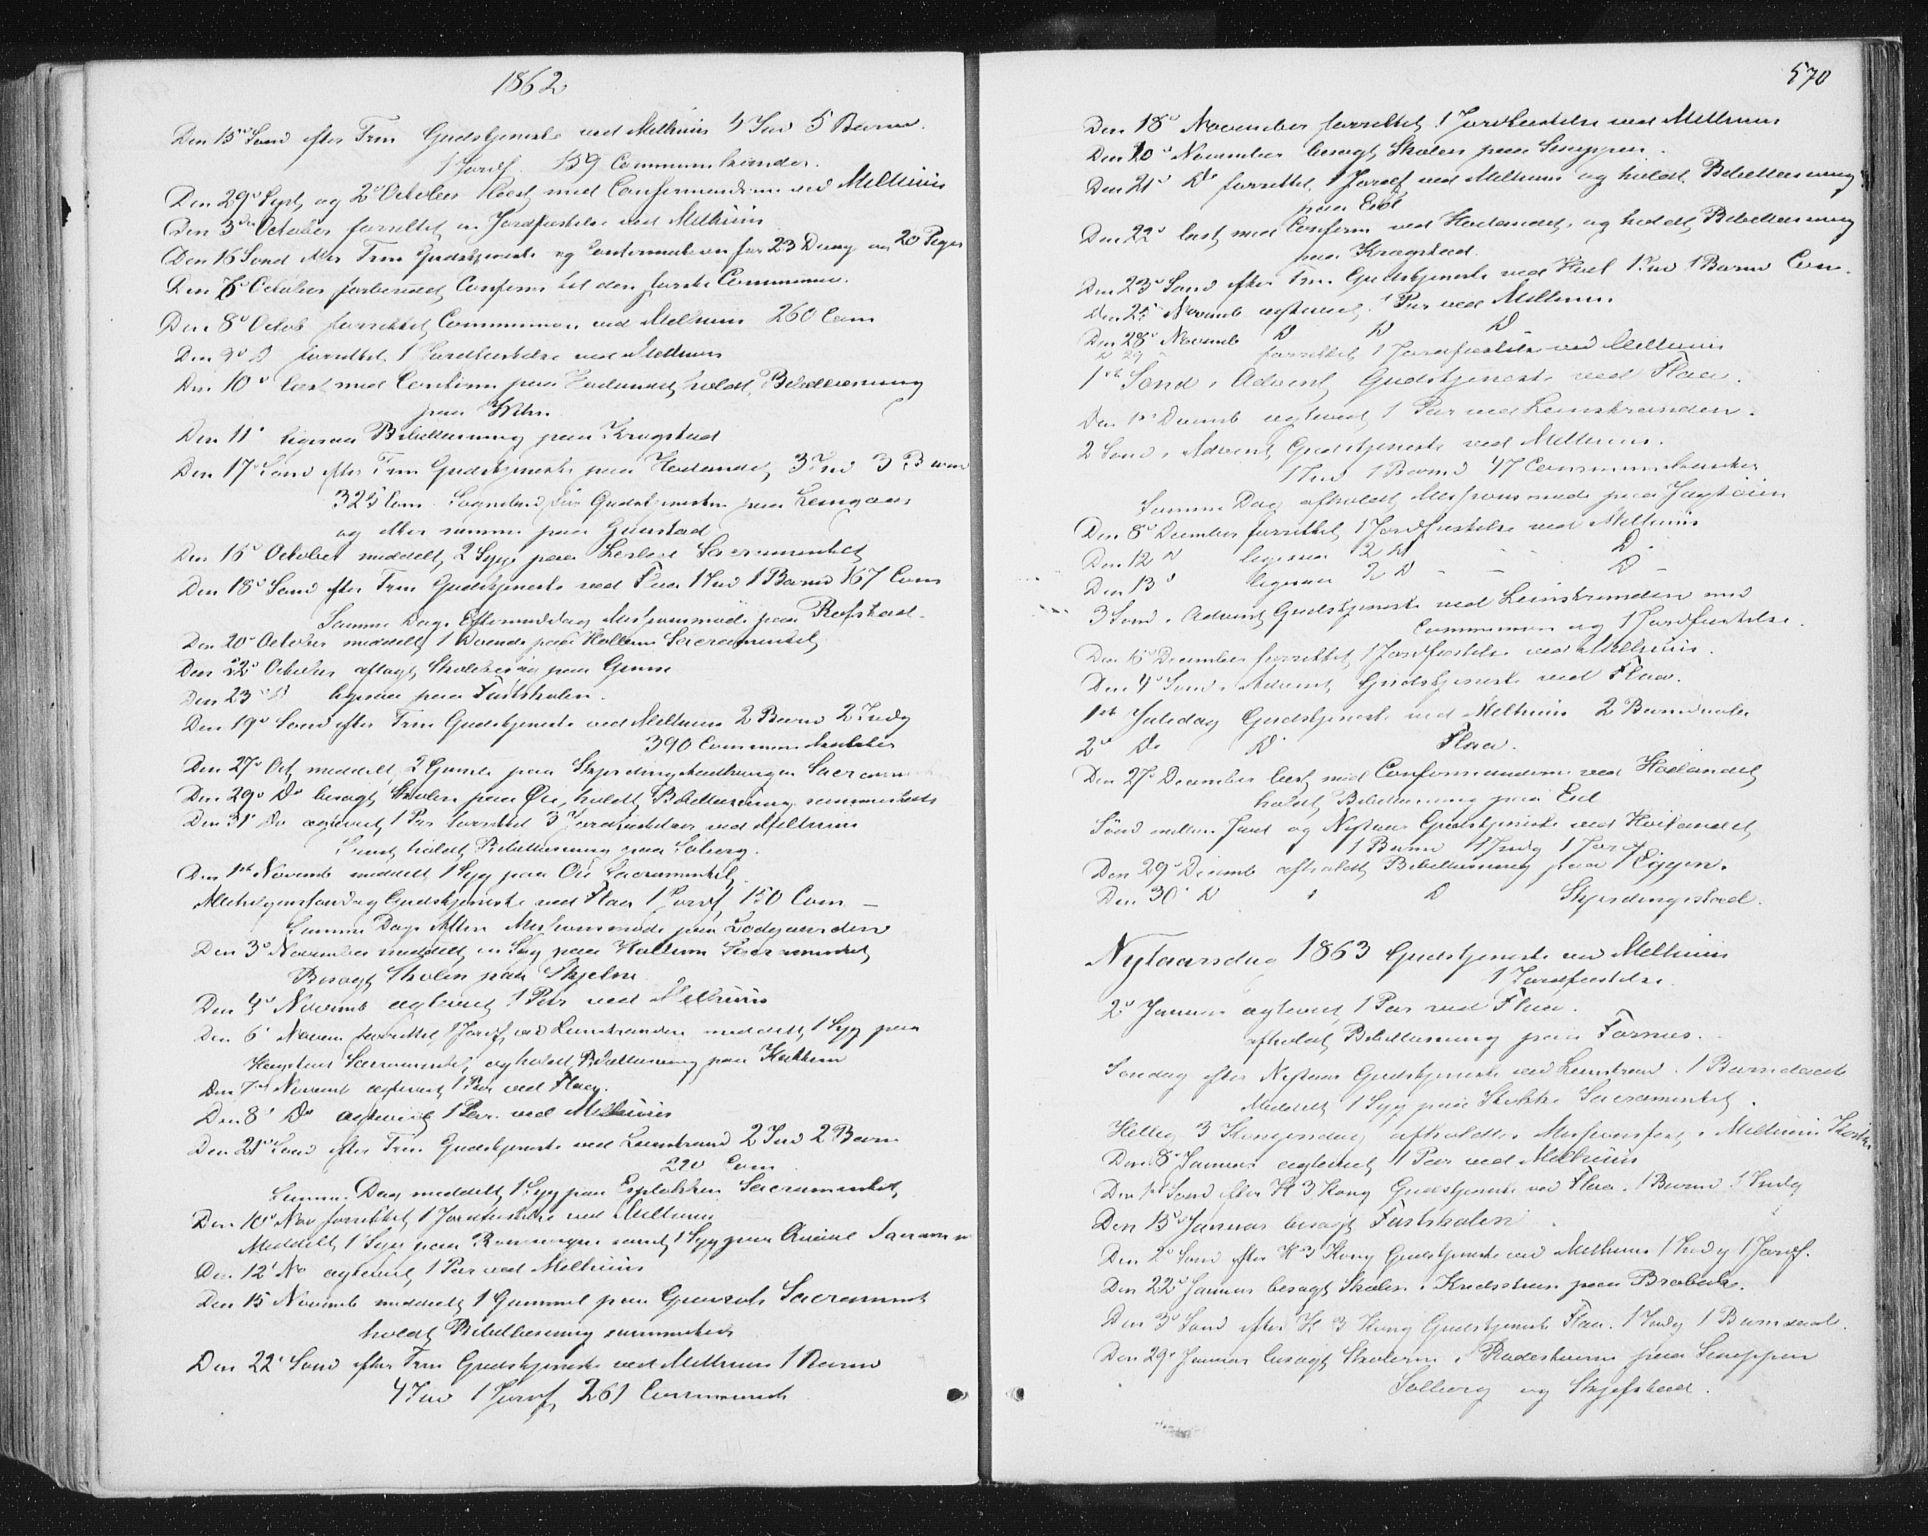 SAT, Ministerialprotokoller, klokkerbøker og fødselsregistre - Sør-Trøndelag, 691/L1077: Ministerialbok nr. 691A09, 1862-1873, s. 570